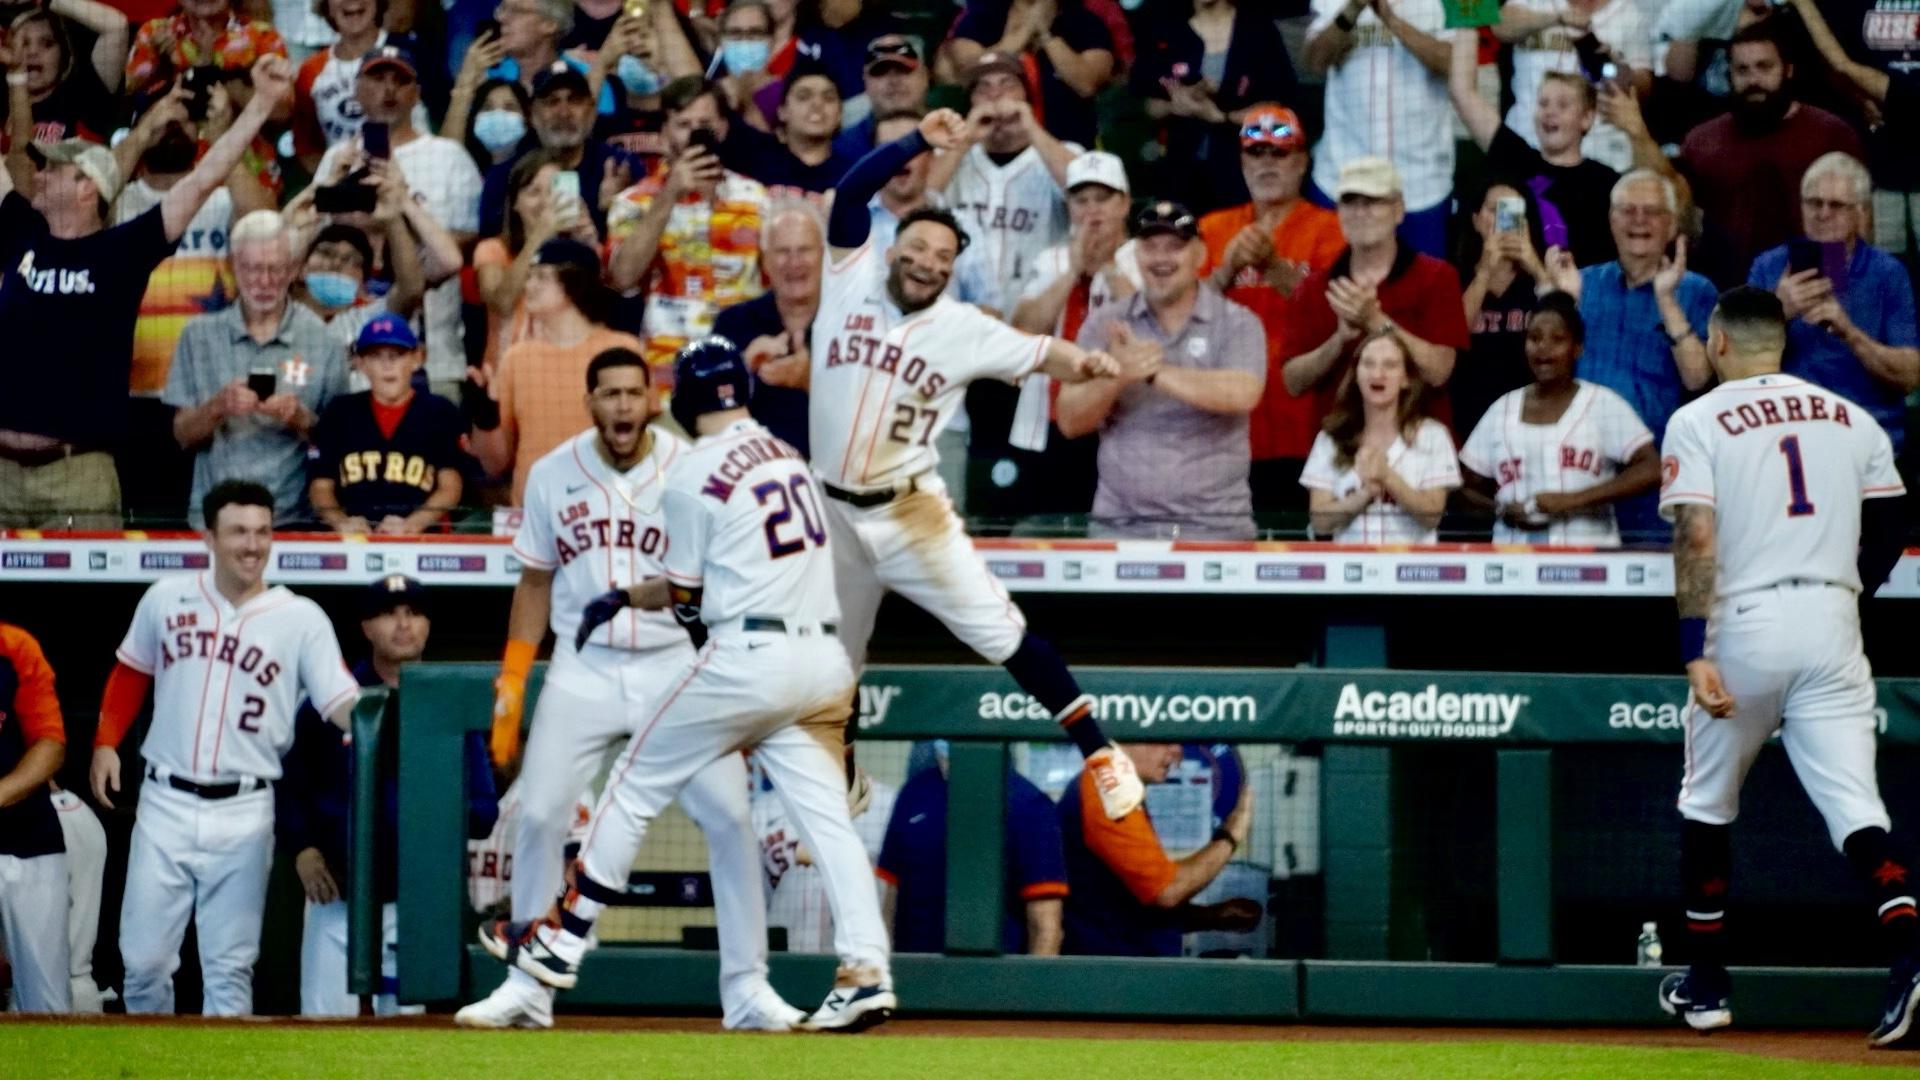 The American League Runs Through Houston